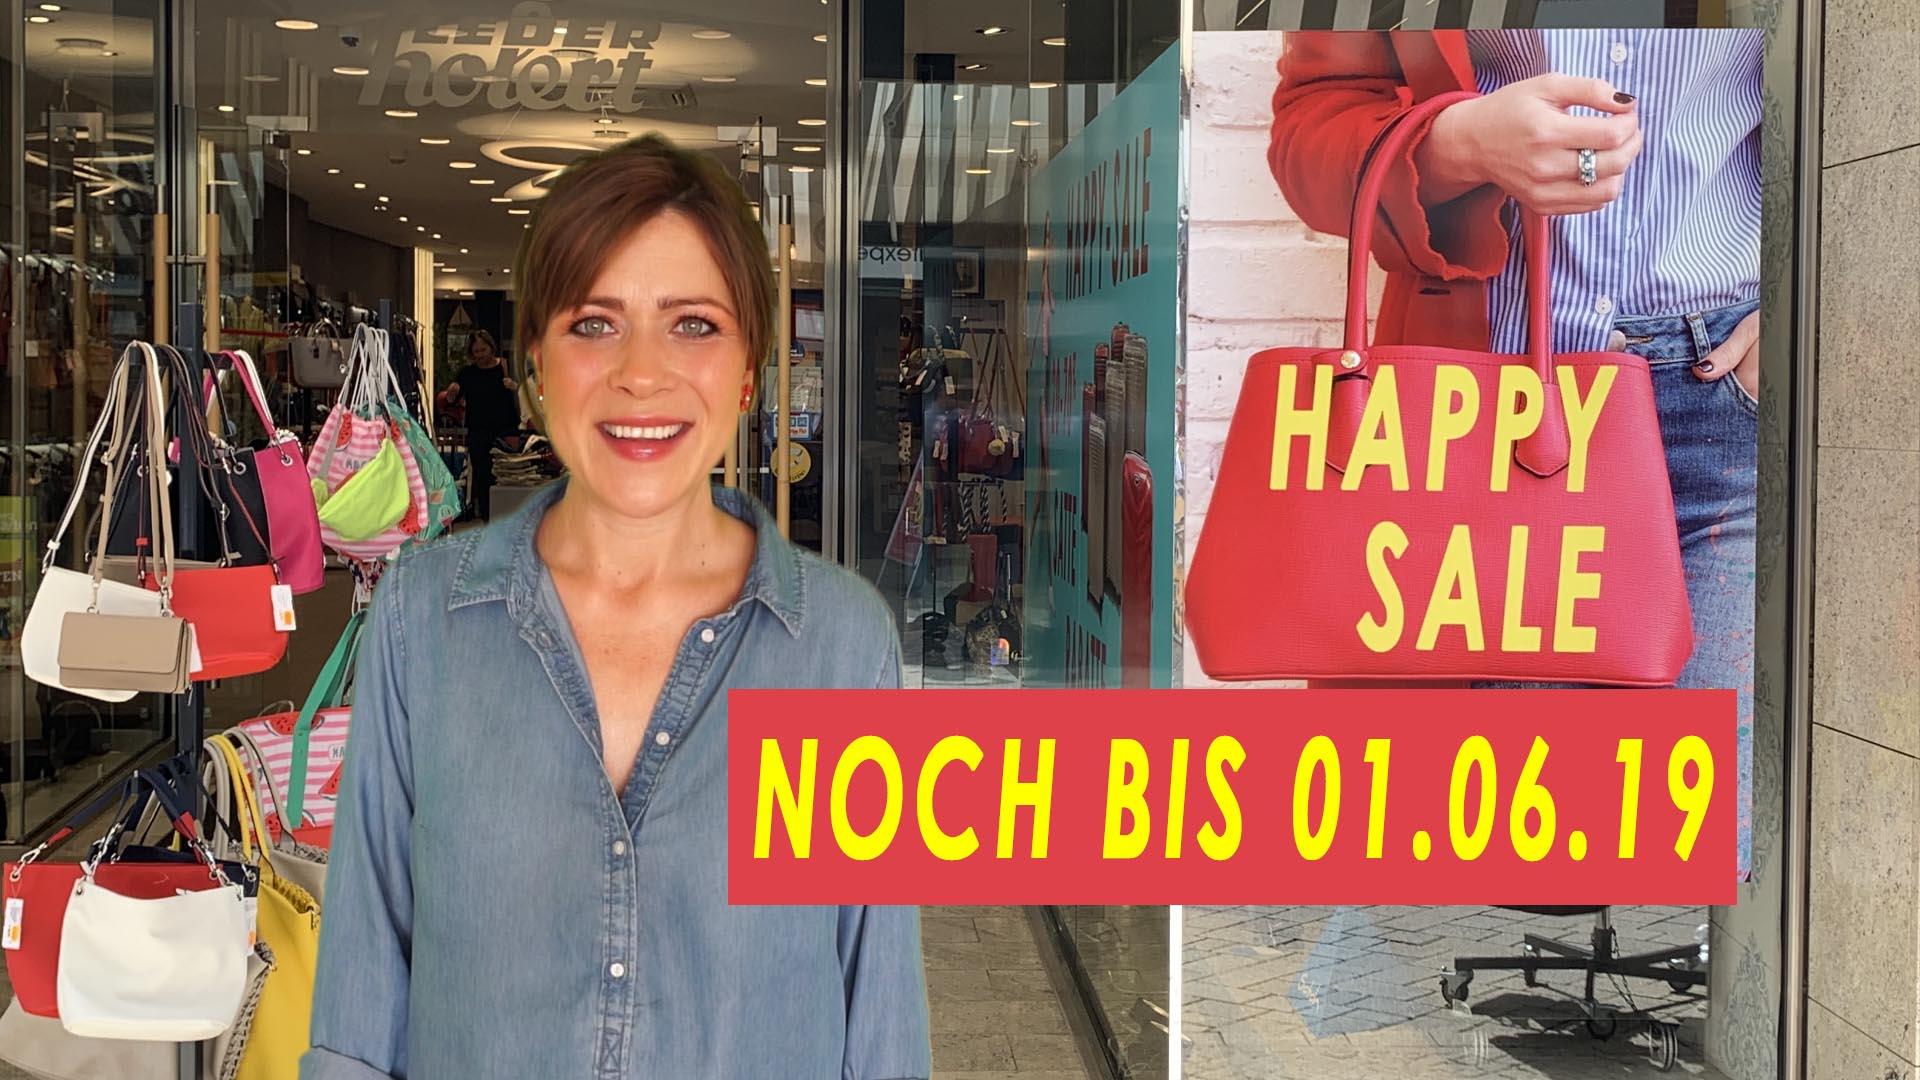 Marken-Handtaschen-guenstig-kaufen-guenstige-gute-Koffer-Happy-Sale-bei-Leder-Holert-in-Oldenburg